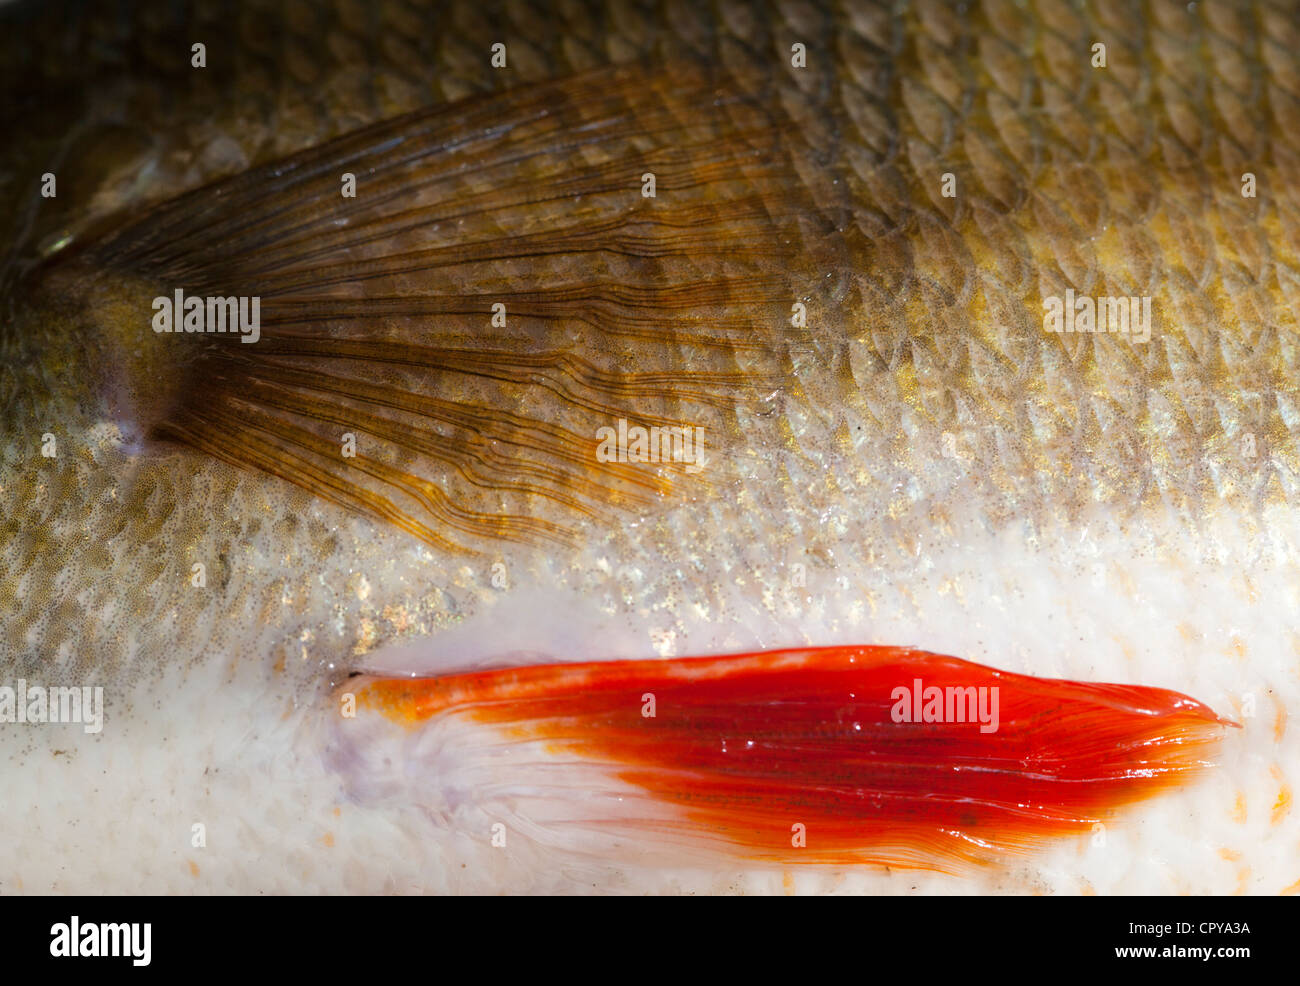 Piel y escamas de 1,1 kg de perca de agua dulce ( Perca fluviatilis ) Imagen De Stock